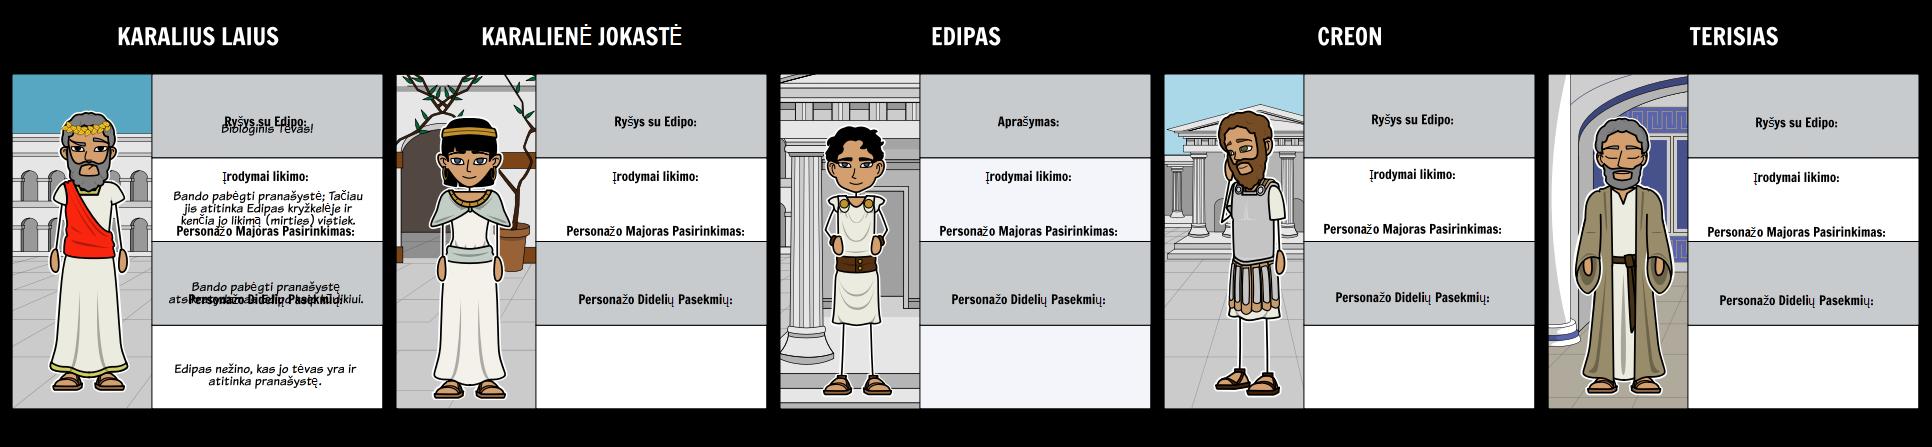 Edipas - Simbolių Žemėlapis